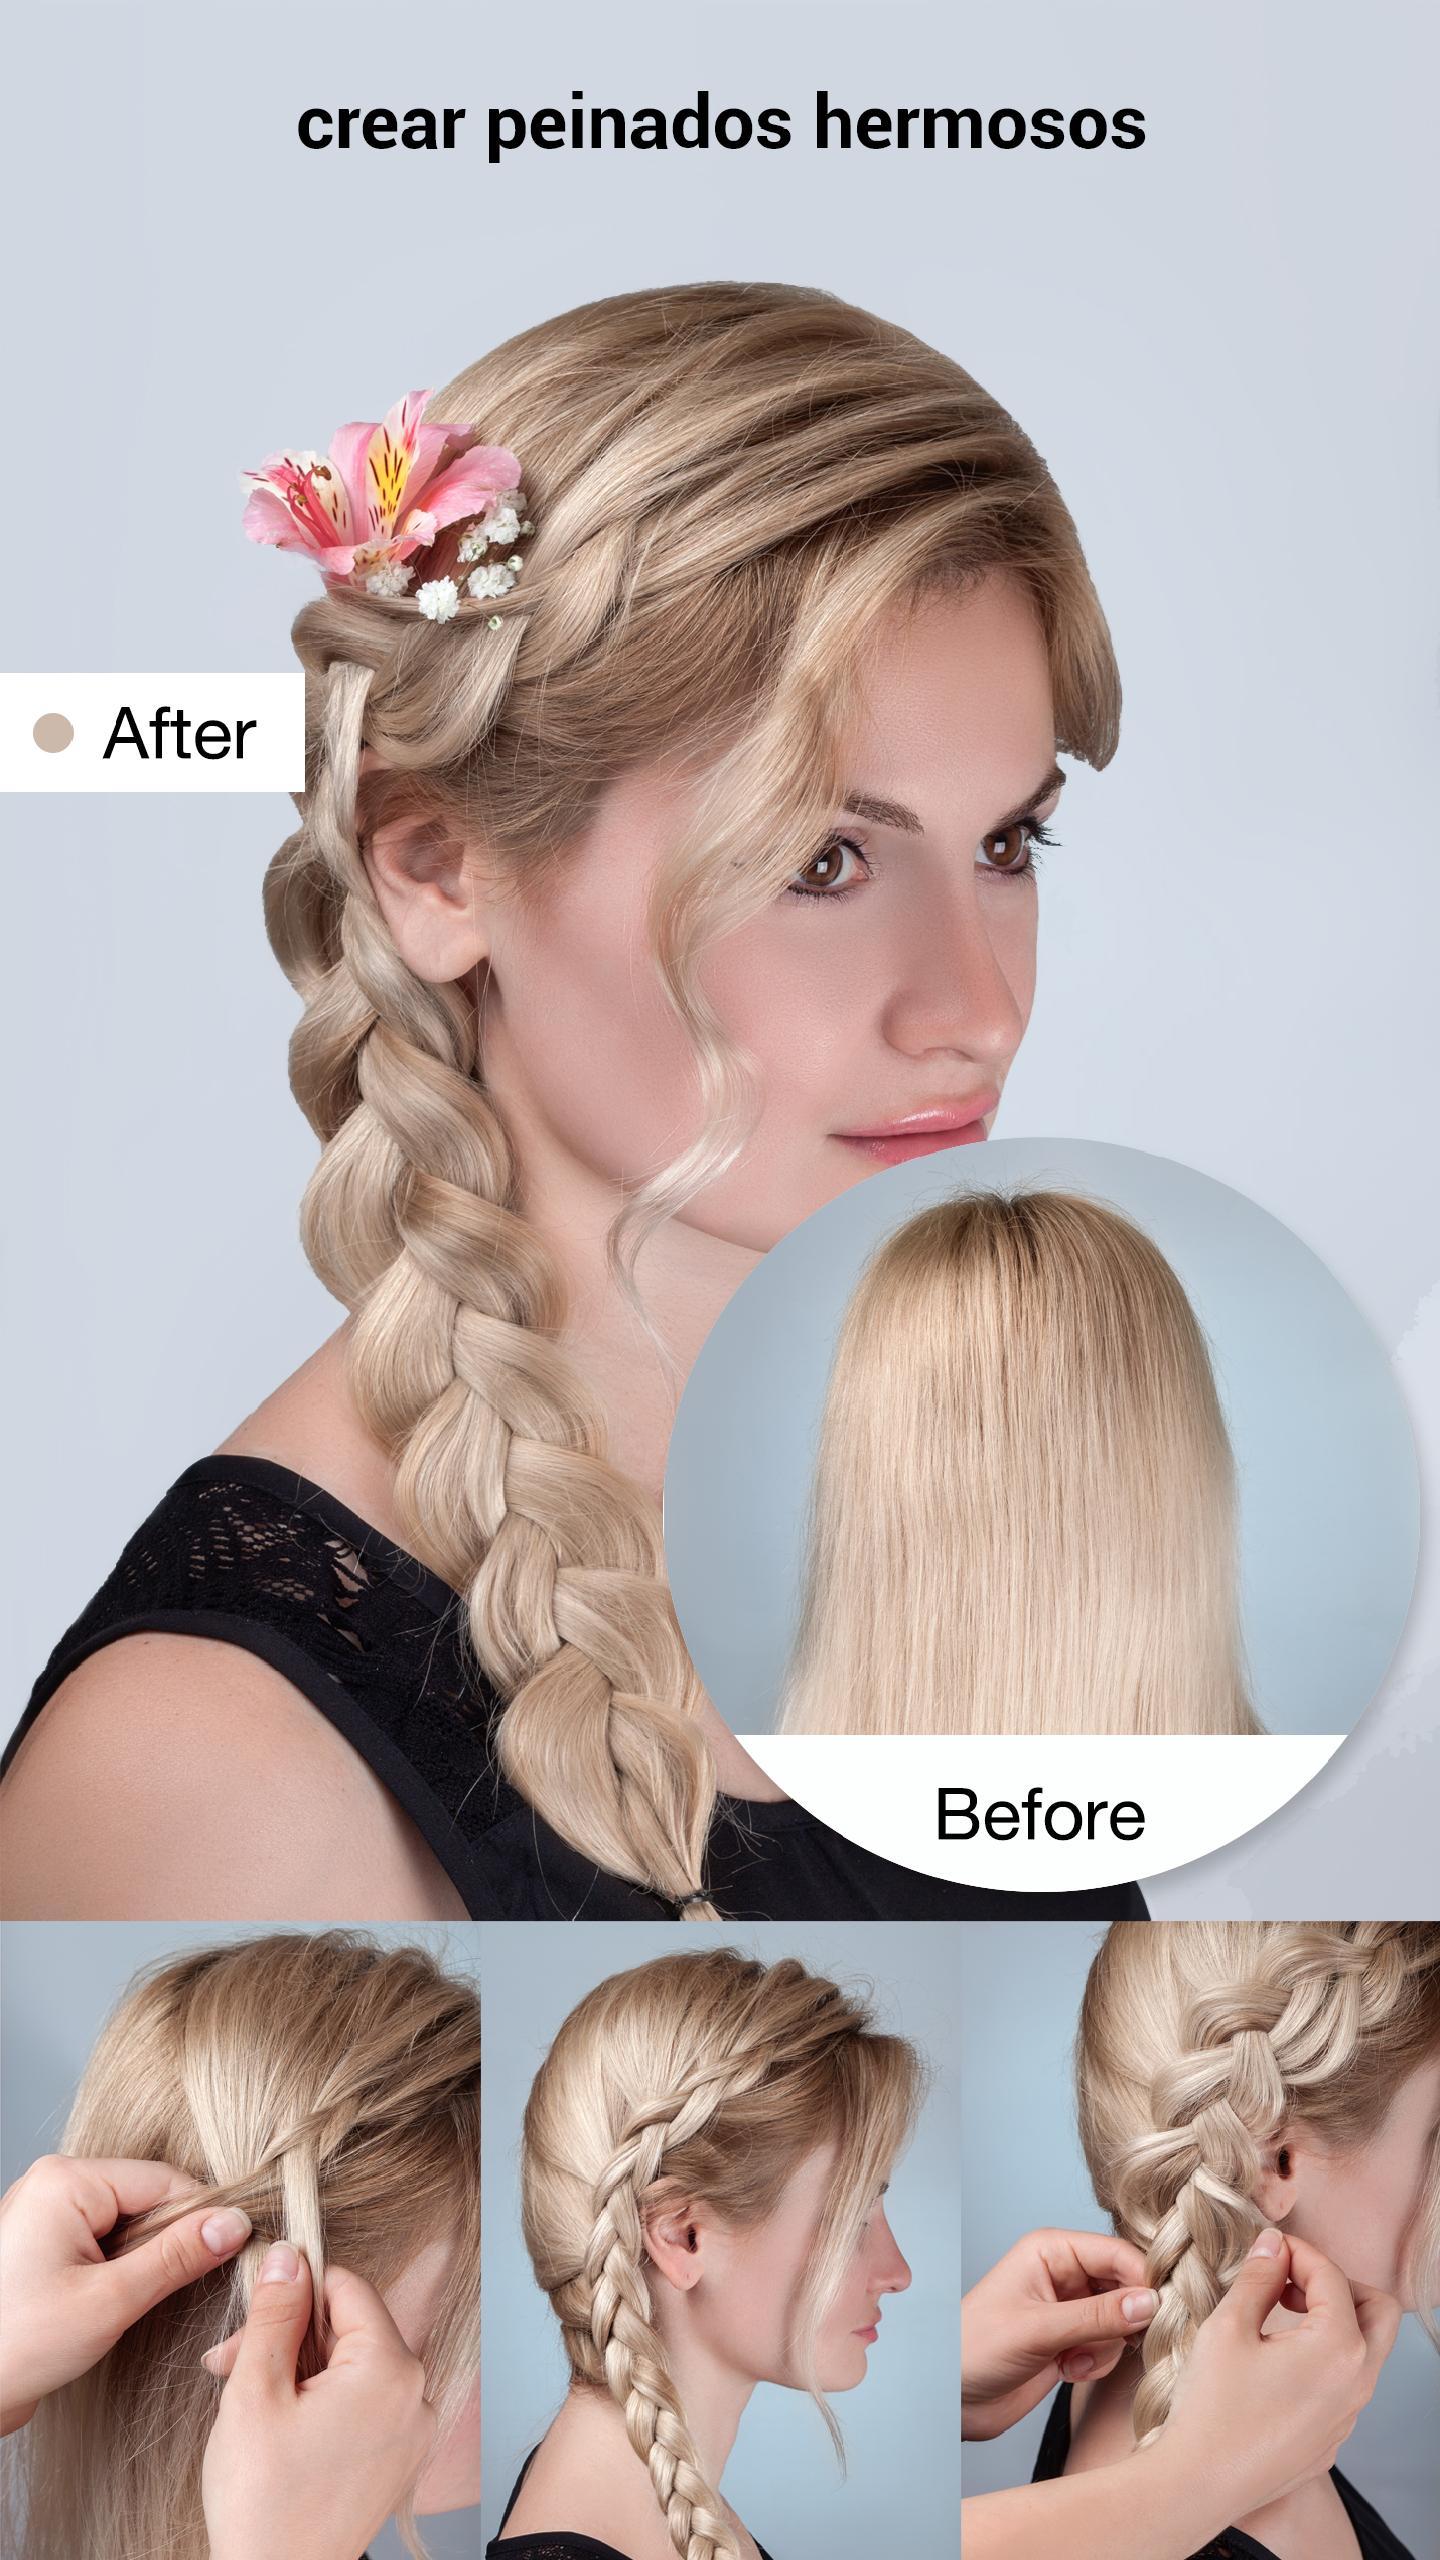 Diferentes versiones peinados faciles y rapidos paso a paso Imagen de cortes de pelo estilo - Peinados Faciles Y Bonitos Paso A Paso for Android - APK ...